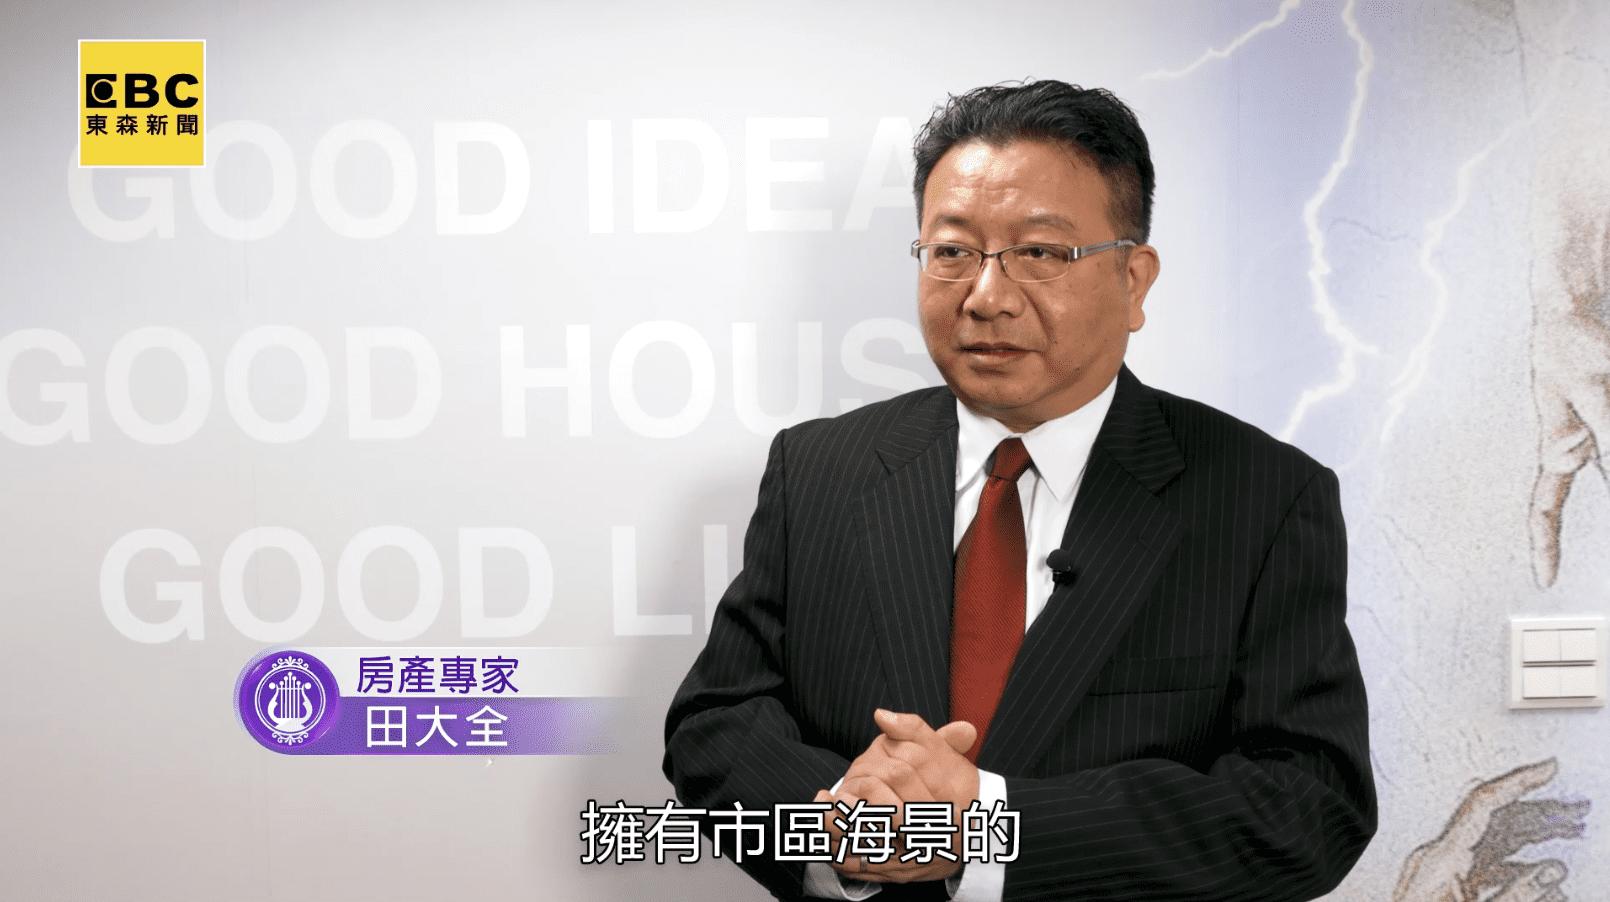 房產專家田大全指出,台南安平區房市前景值得期待